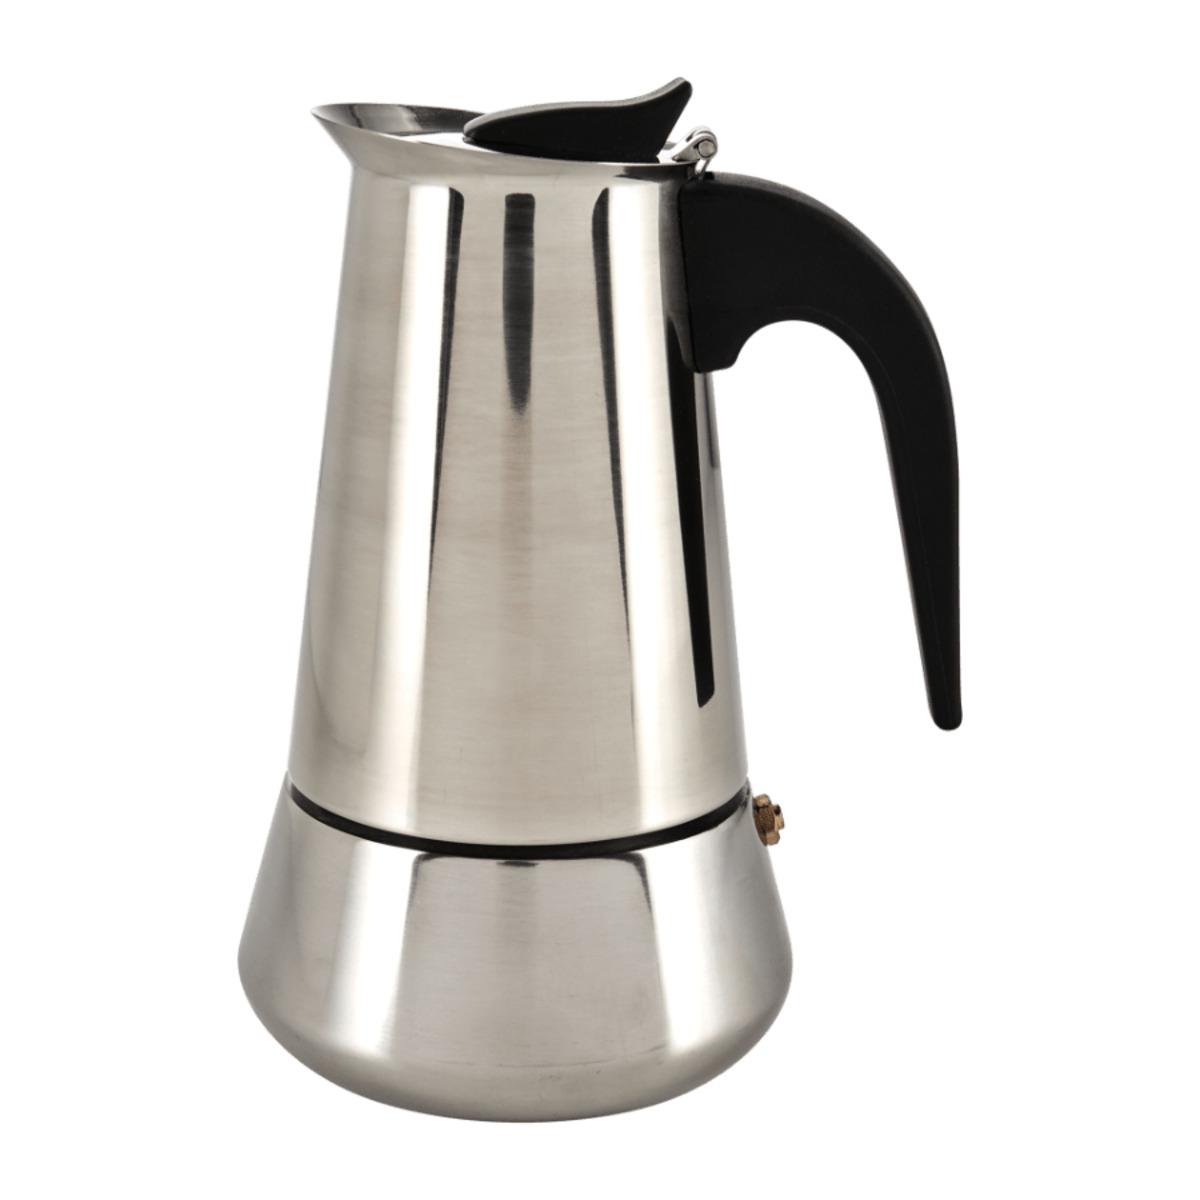 Bild 2 von HOME CREATION     Espresso Kocher